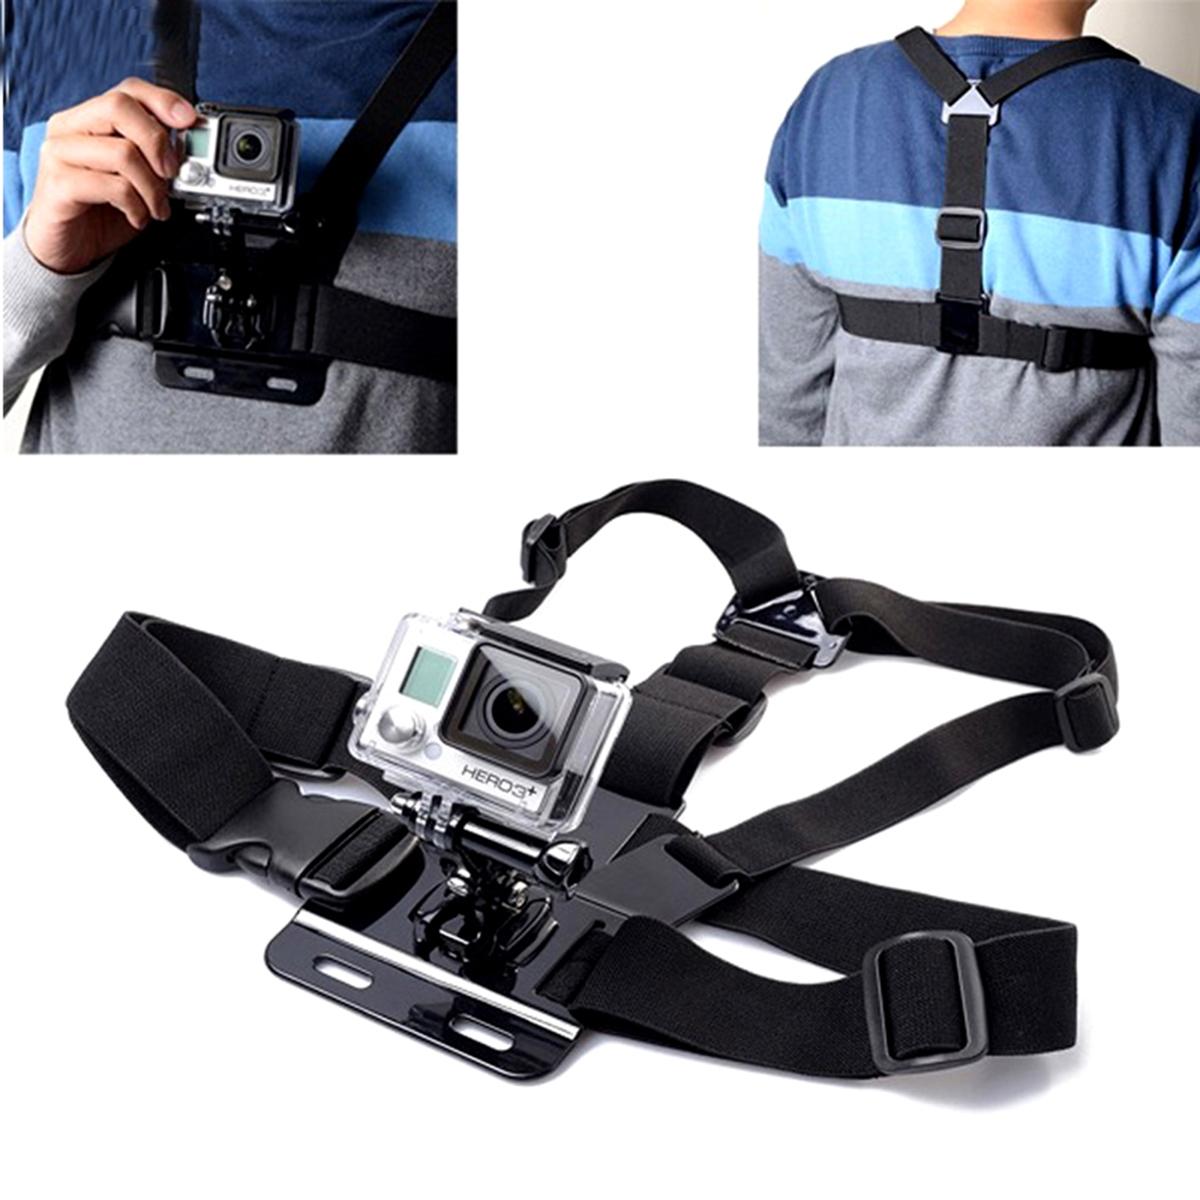 Dây đeo trước ngực gắn cho camera hành trình và điện thoại -59995